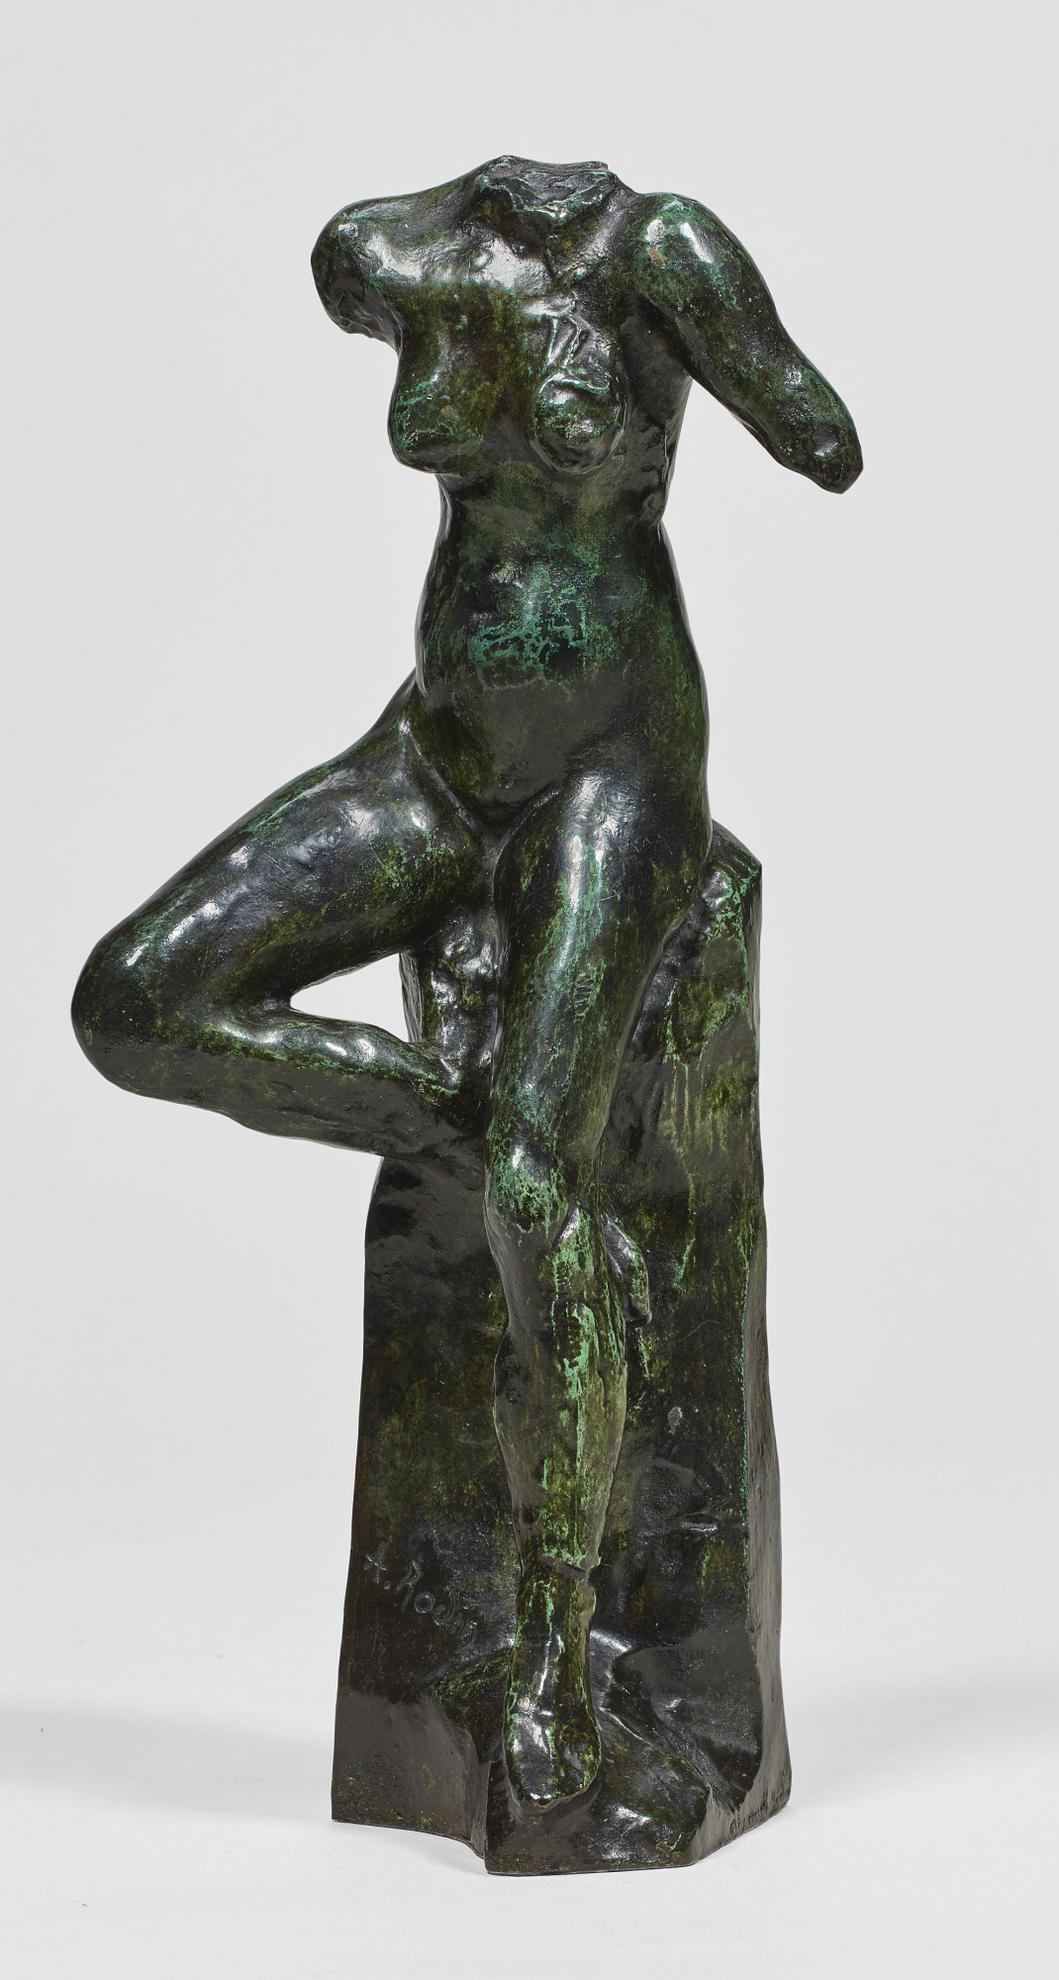 Auguste Rodin-Nu Feminin Assis, Petit Modele Dit Aussi Petite Etude De Mouvement-1962